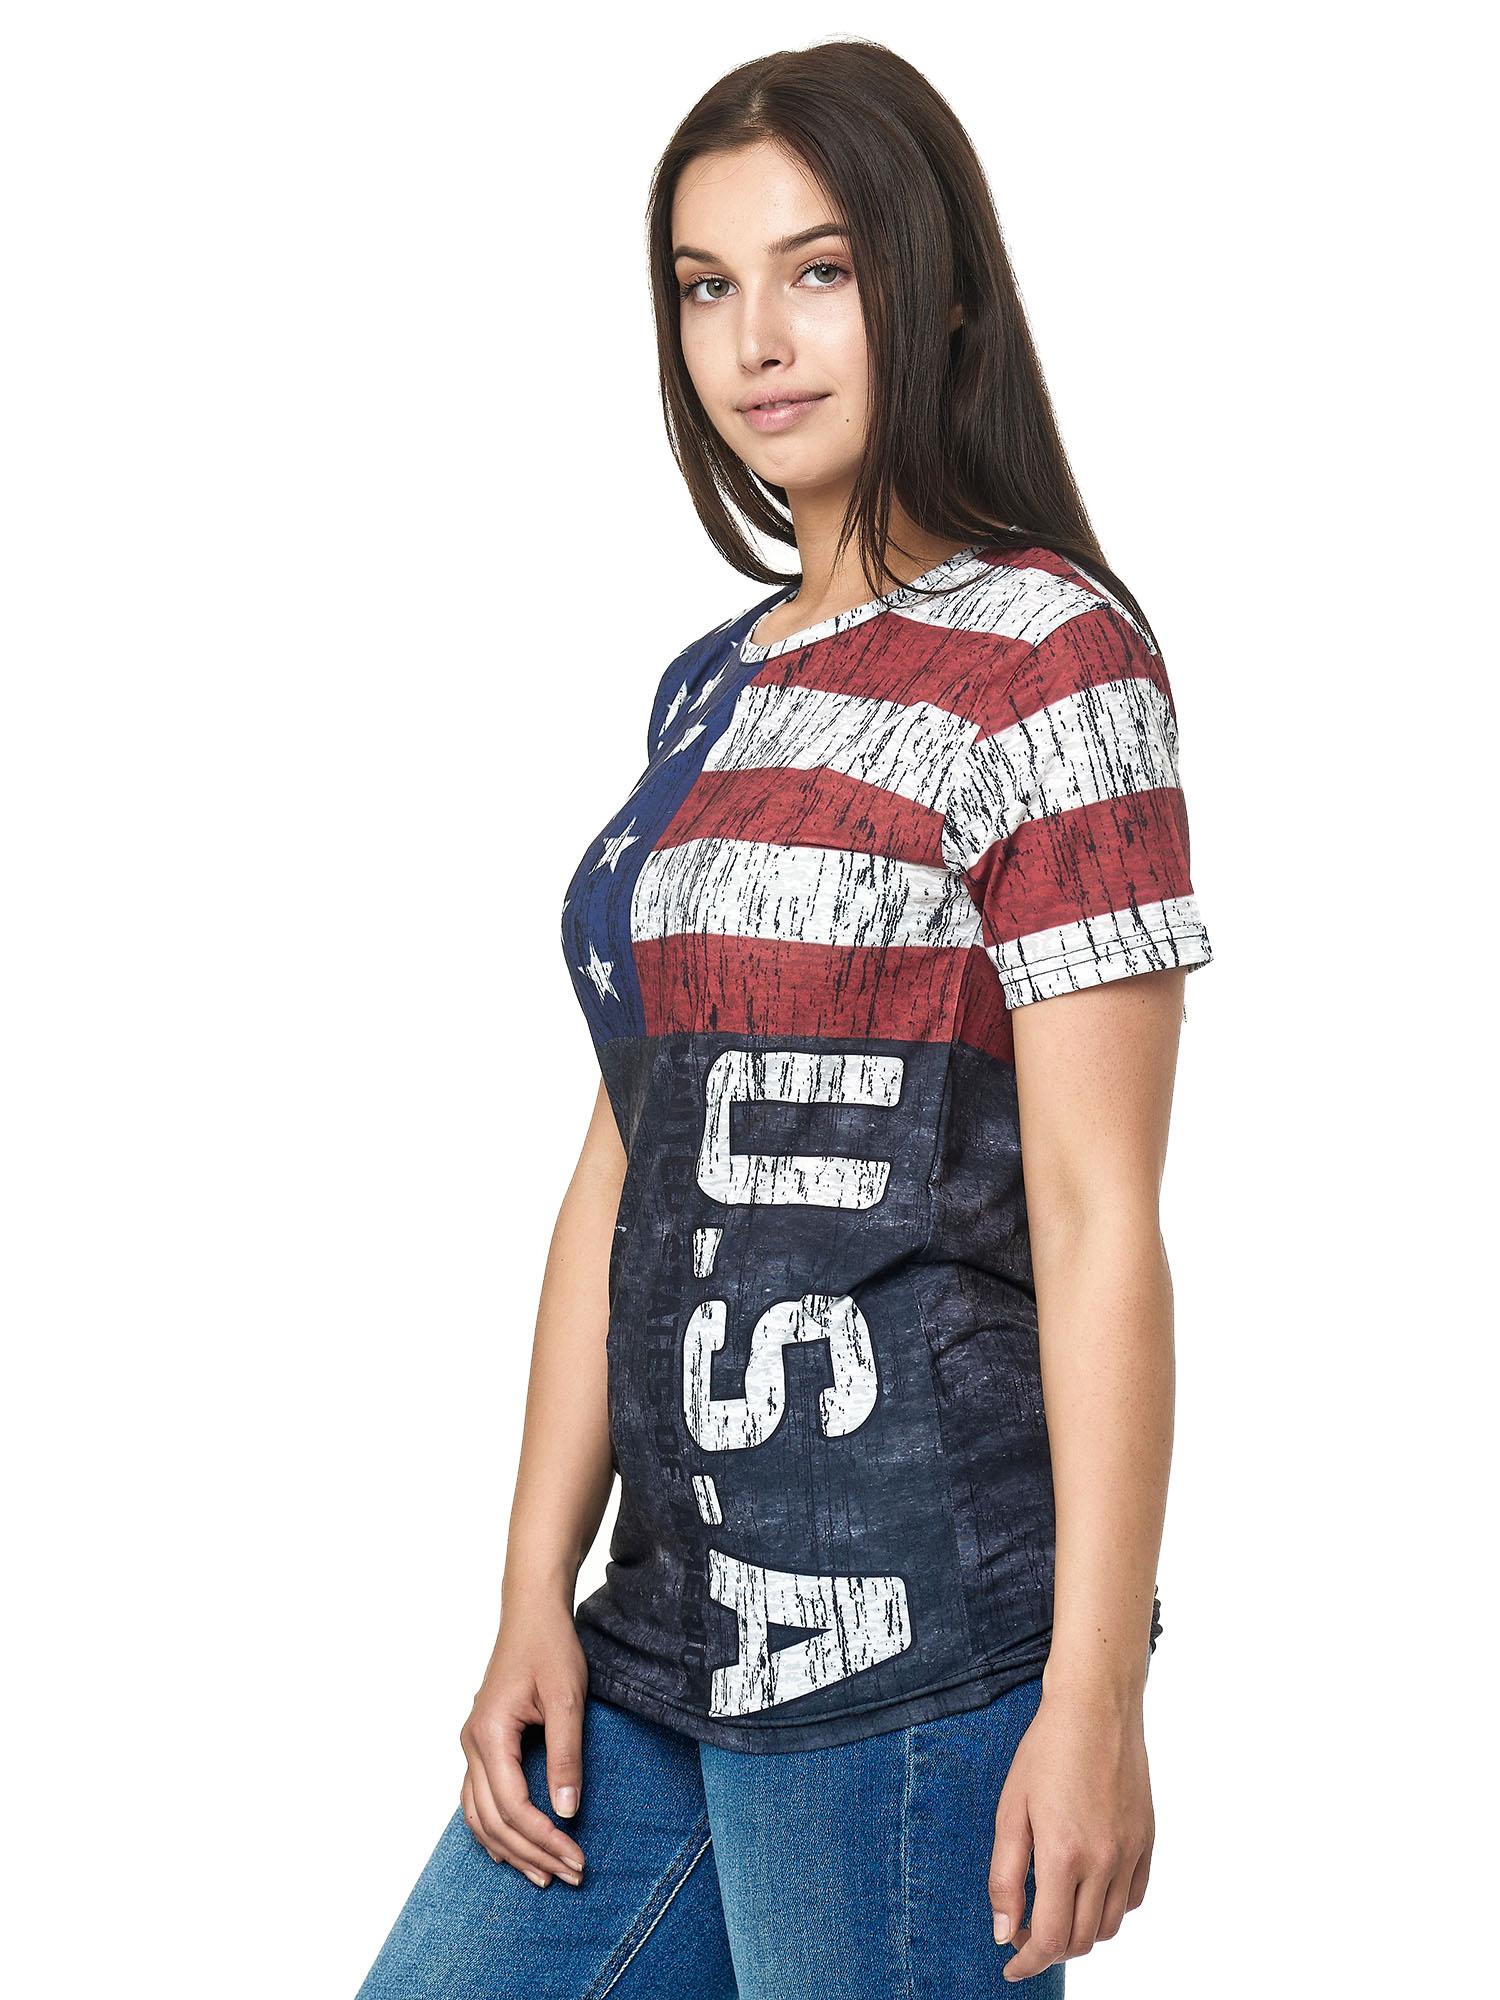 Paesi-da-Donna-T-shirt-A-Maniche-Corte-Girocollo-donne-CALCIO-Fanshirt-John-Kayna miniatura 13